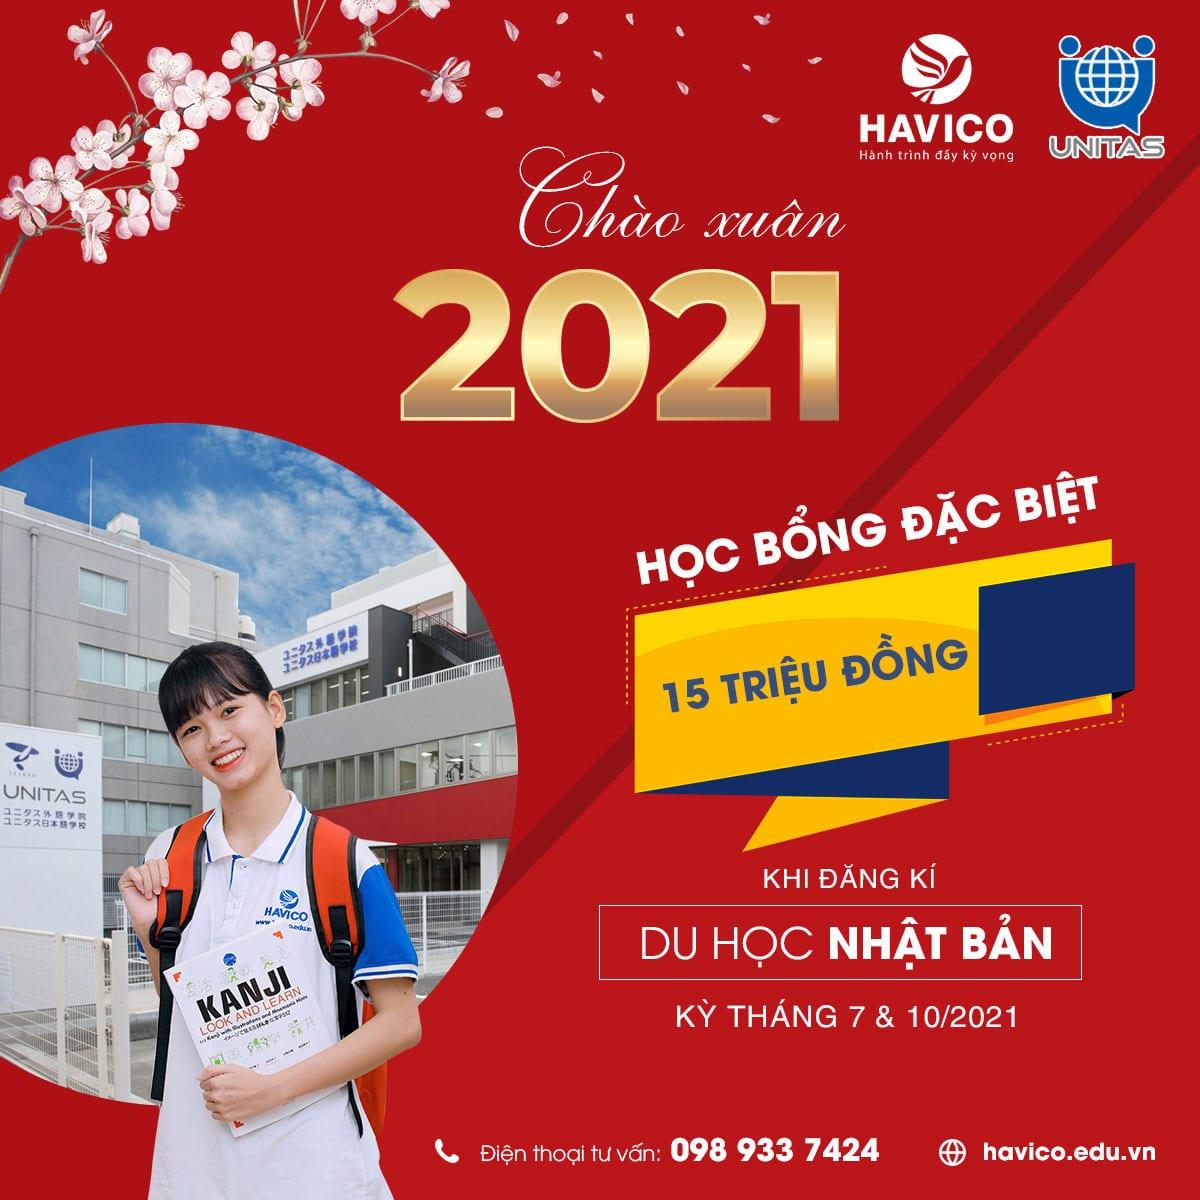 HAVICO tuyển sinh du học Nhật Bản kỳ tháng 7&10/2021